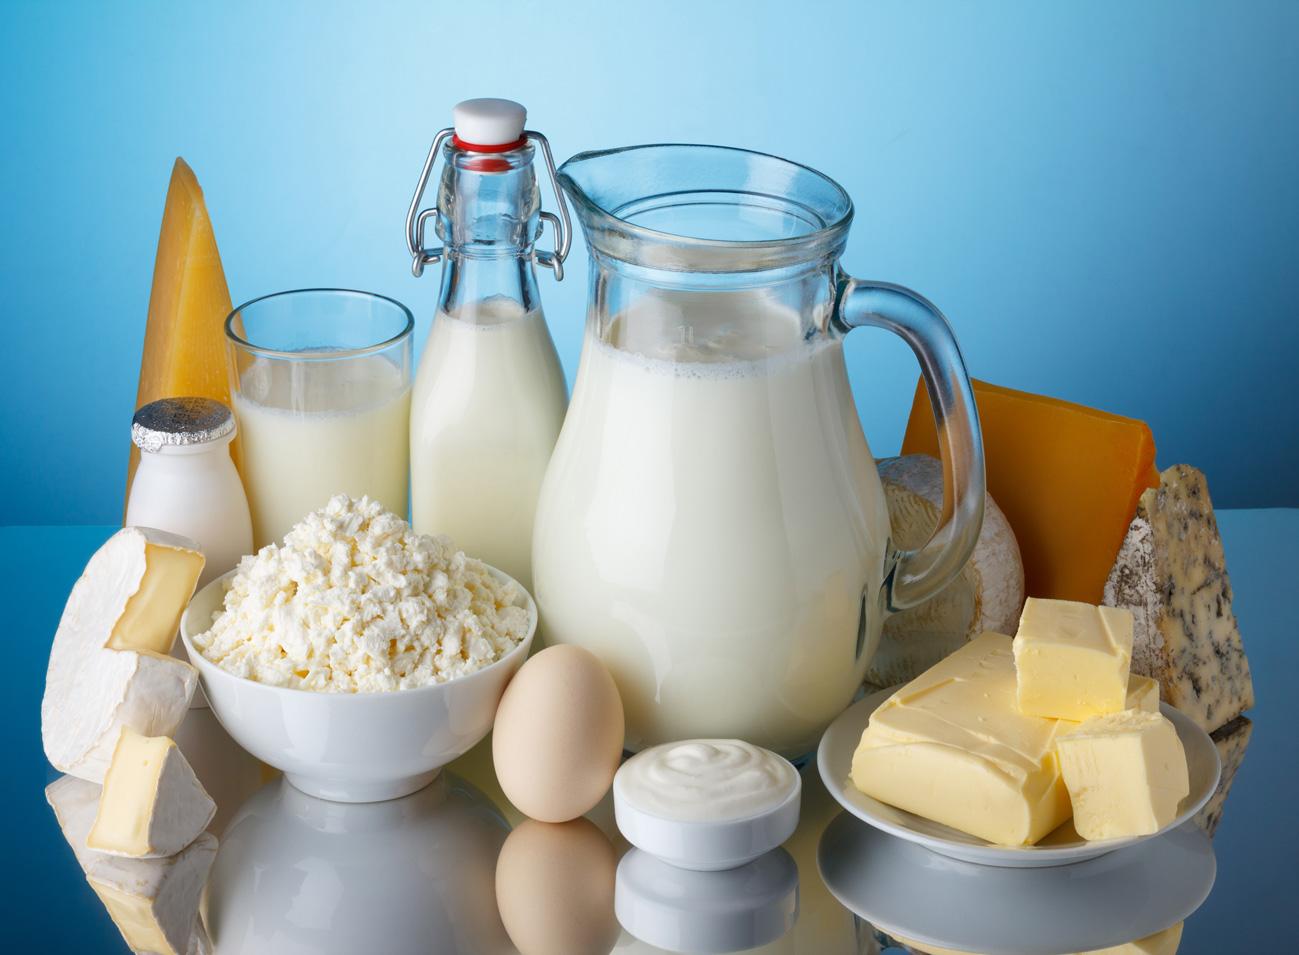 производство молочной продукции с собственной фермой дойных коров